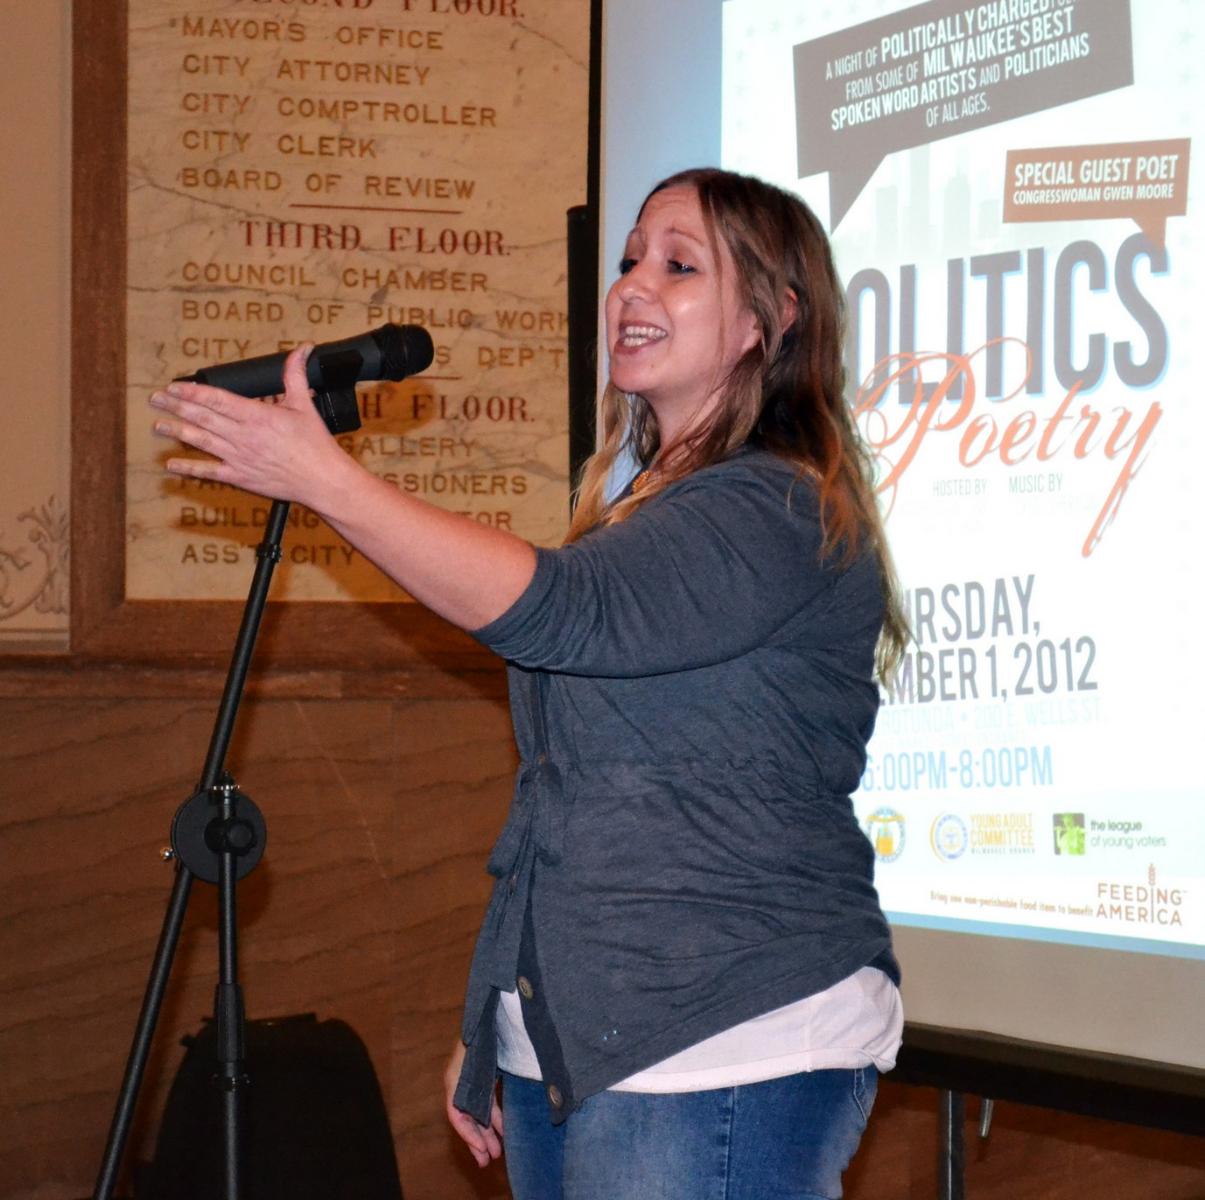 Spoken word artist and MPS teacher Darlin\' Nikki